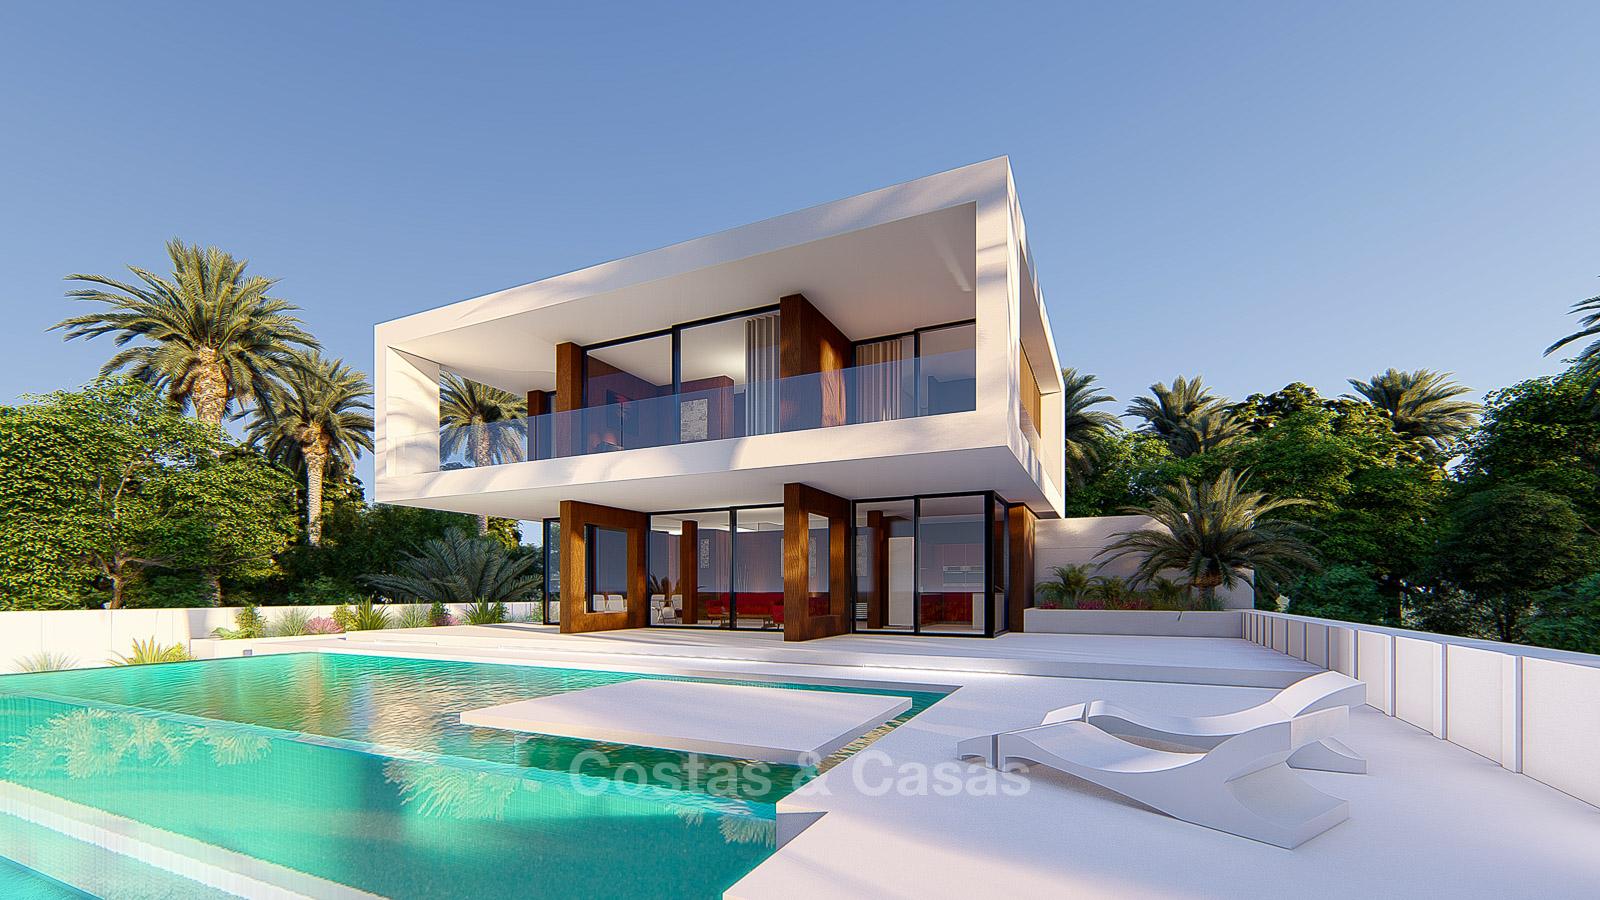 A vendre Nouvelle villa de luxe moderne vue sur mer et golf à Estepona